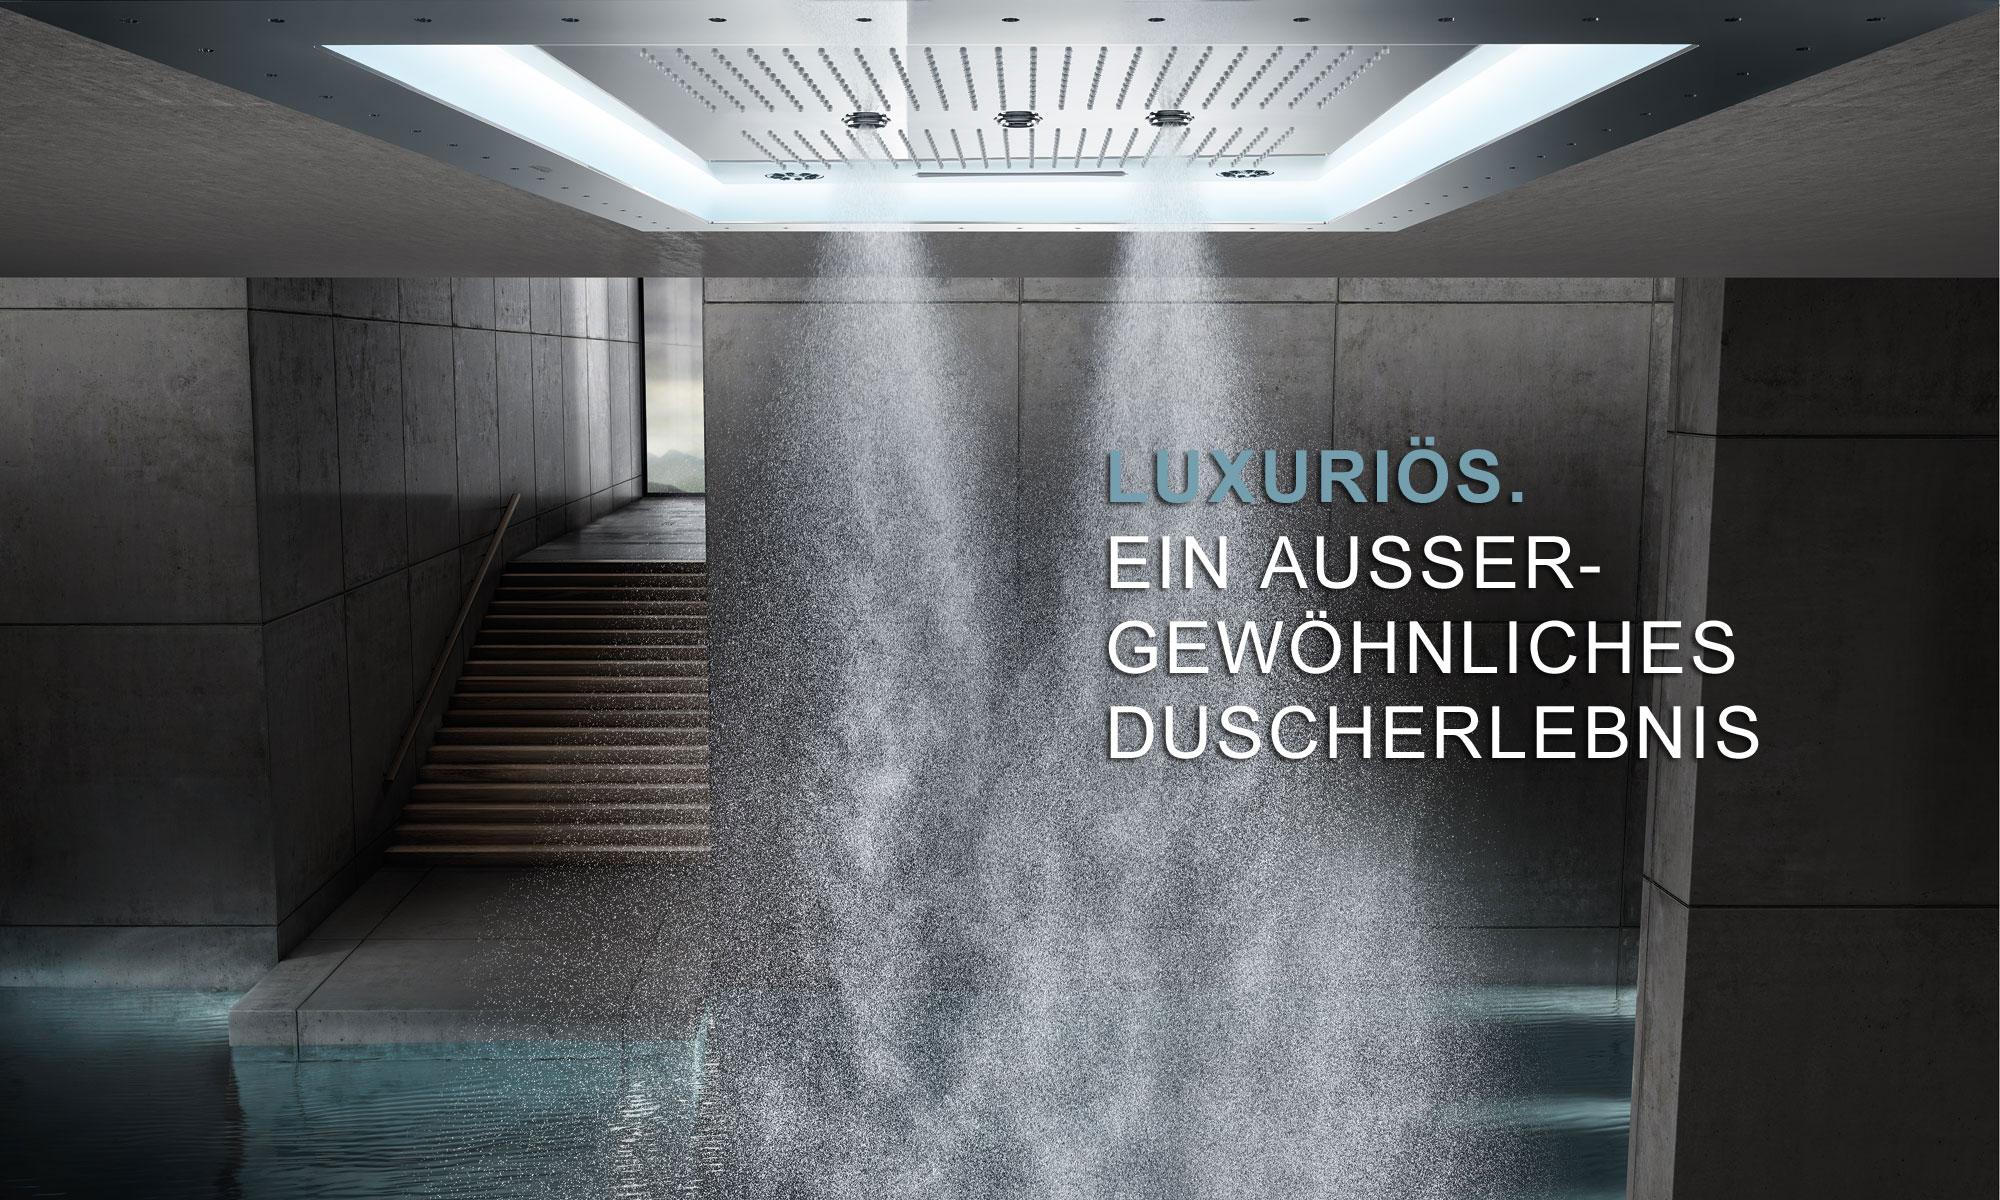 Badausstellung Wiesbaden badmanufaktur roth badmanufaktur roth